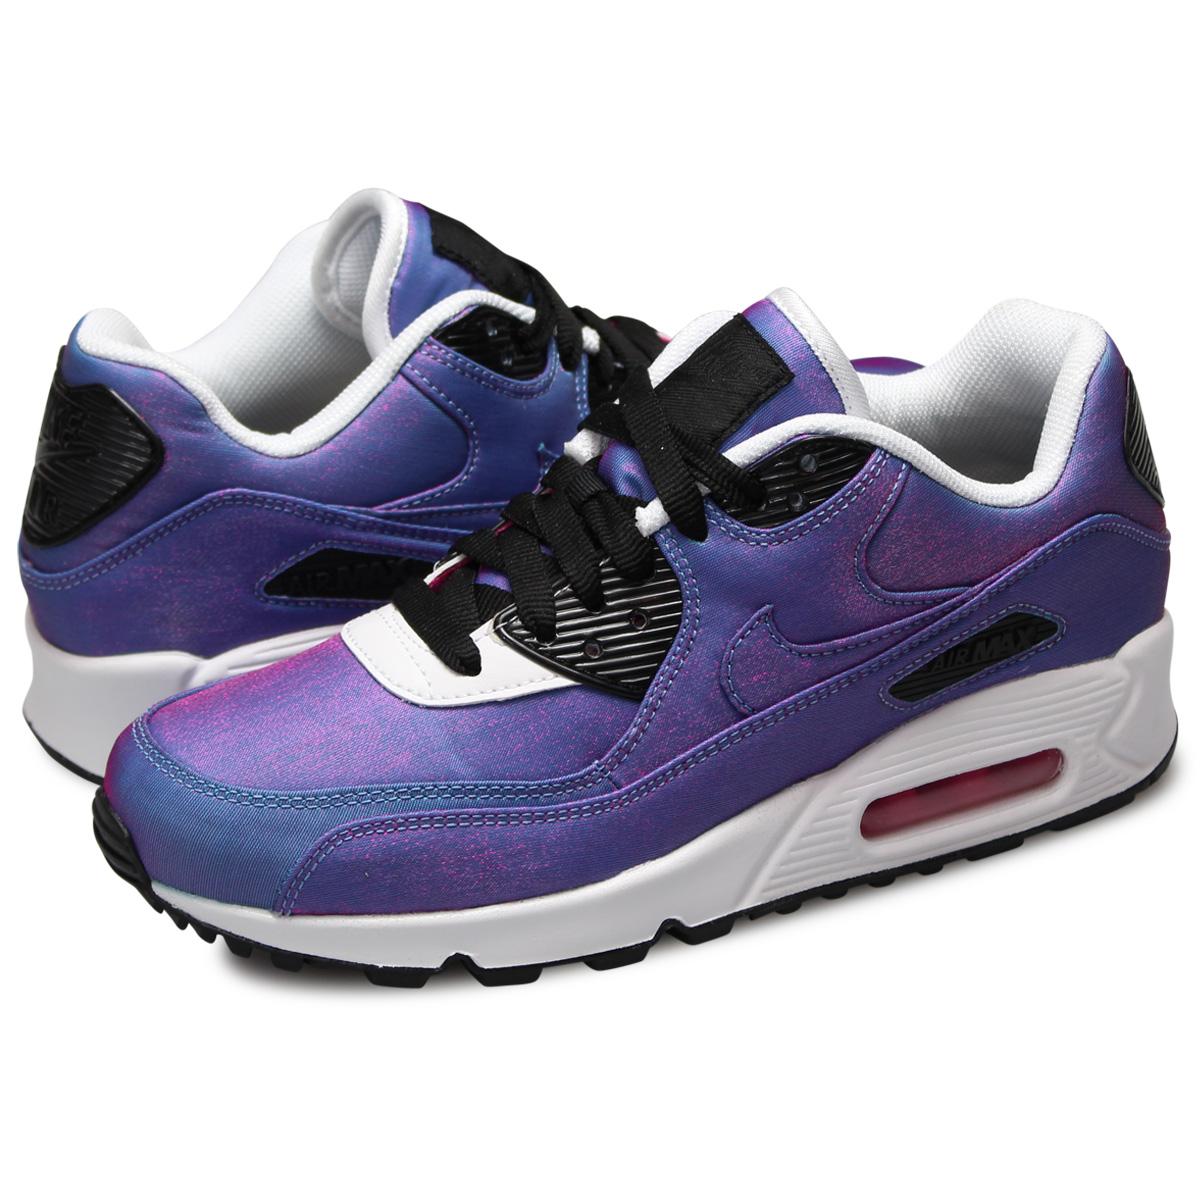 Nike AIR MAX 90 Women's Shoes Shoes 30items   Rakuten